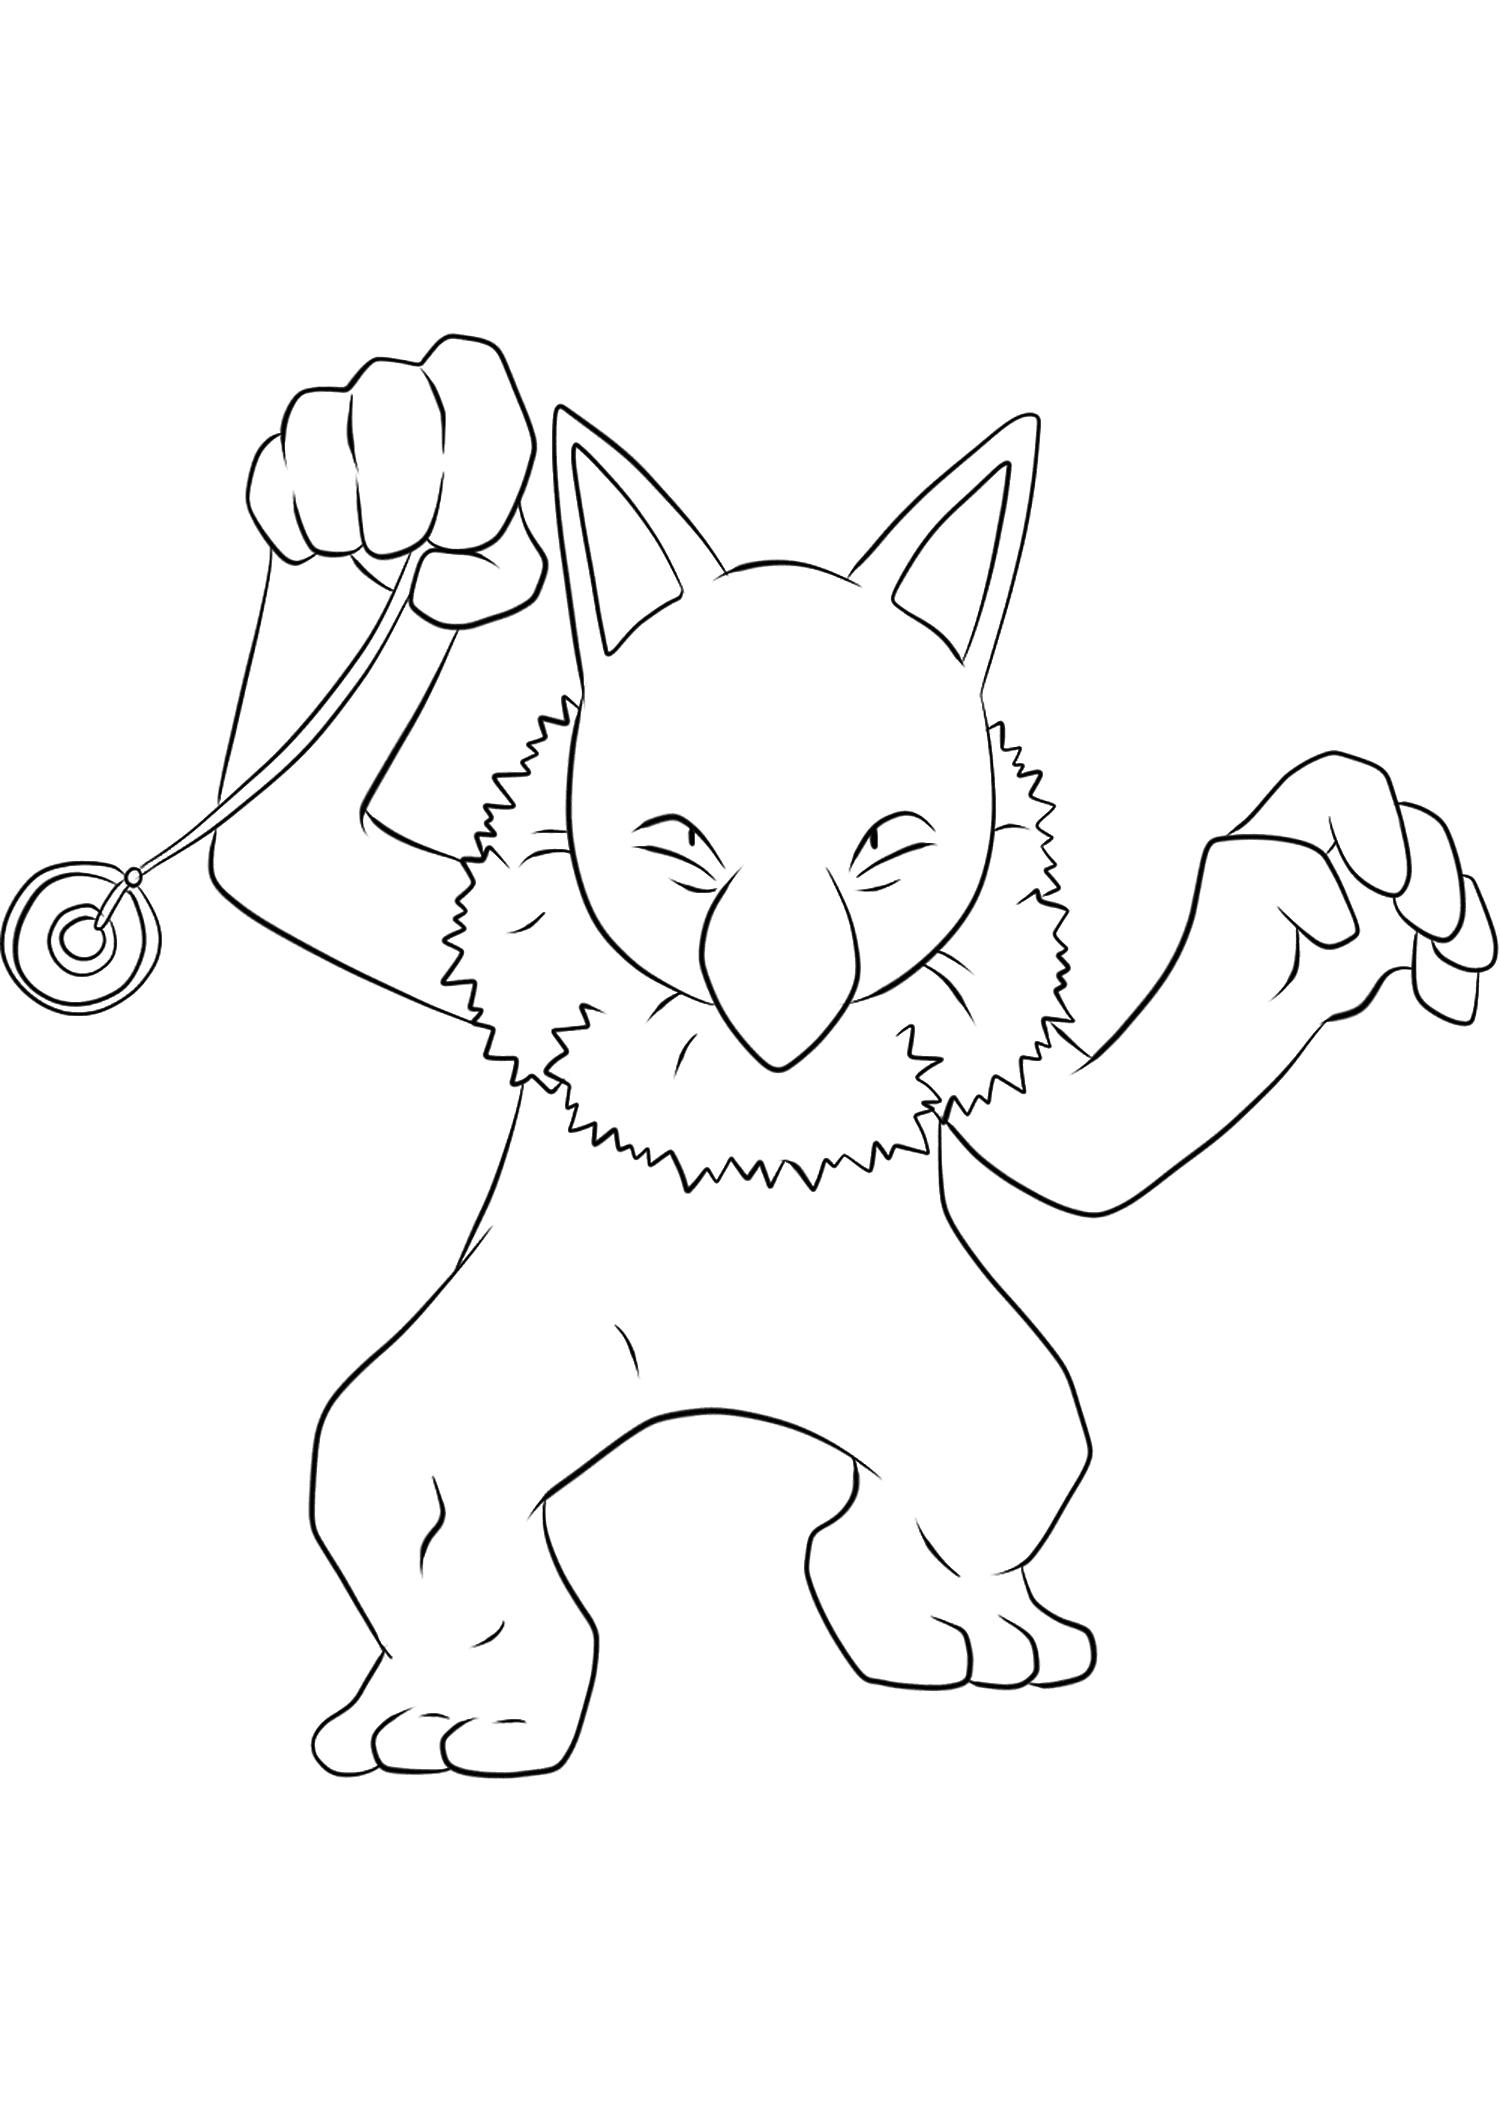 <b>Hypno</b> (No.97) : Pokemon (Generation I)